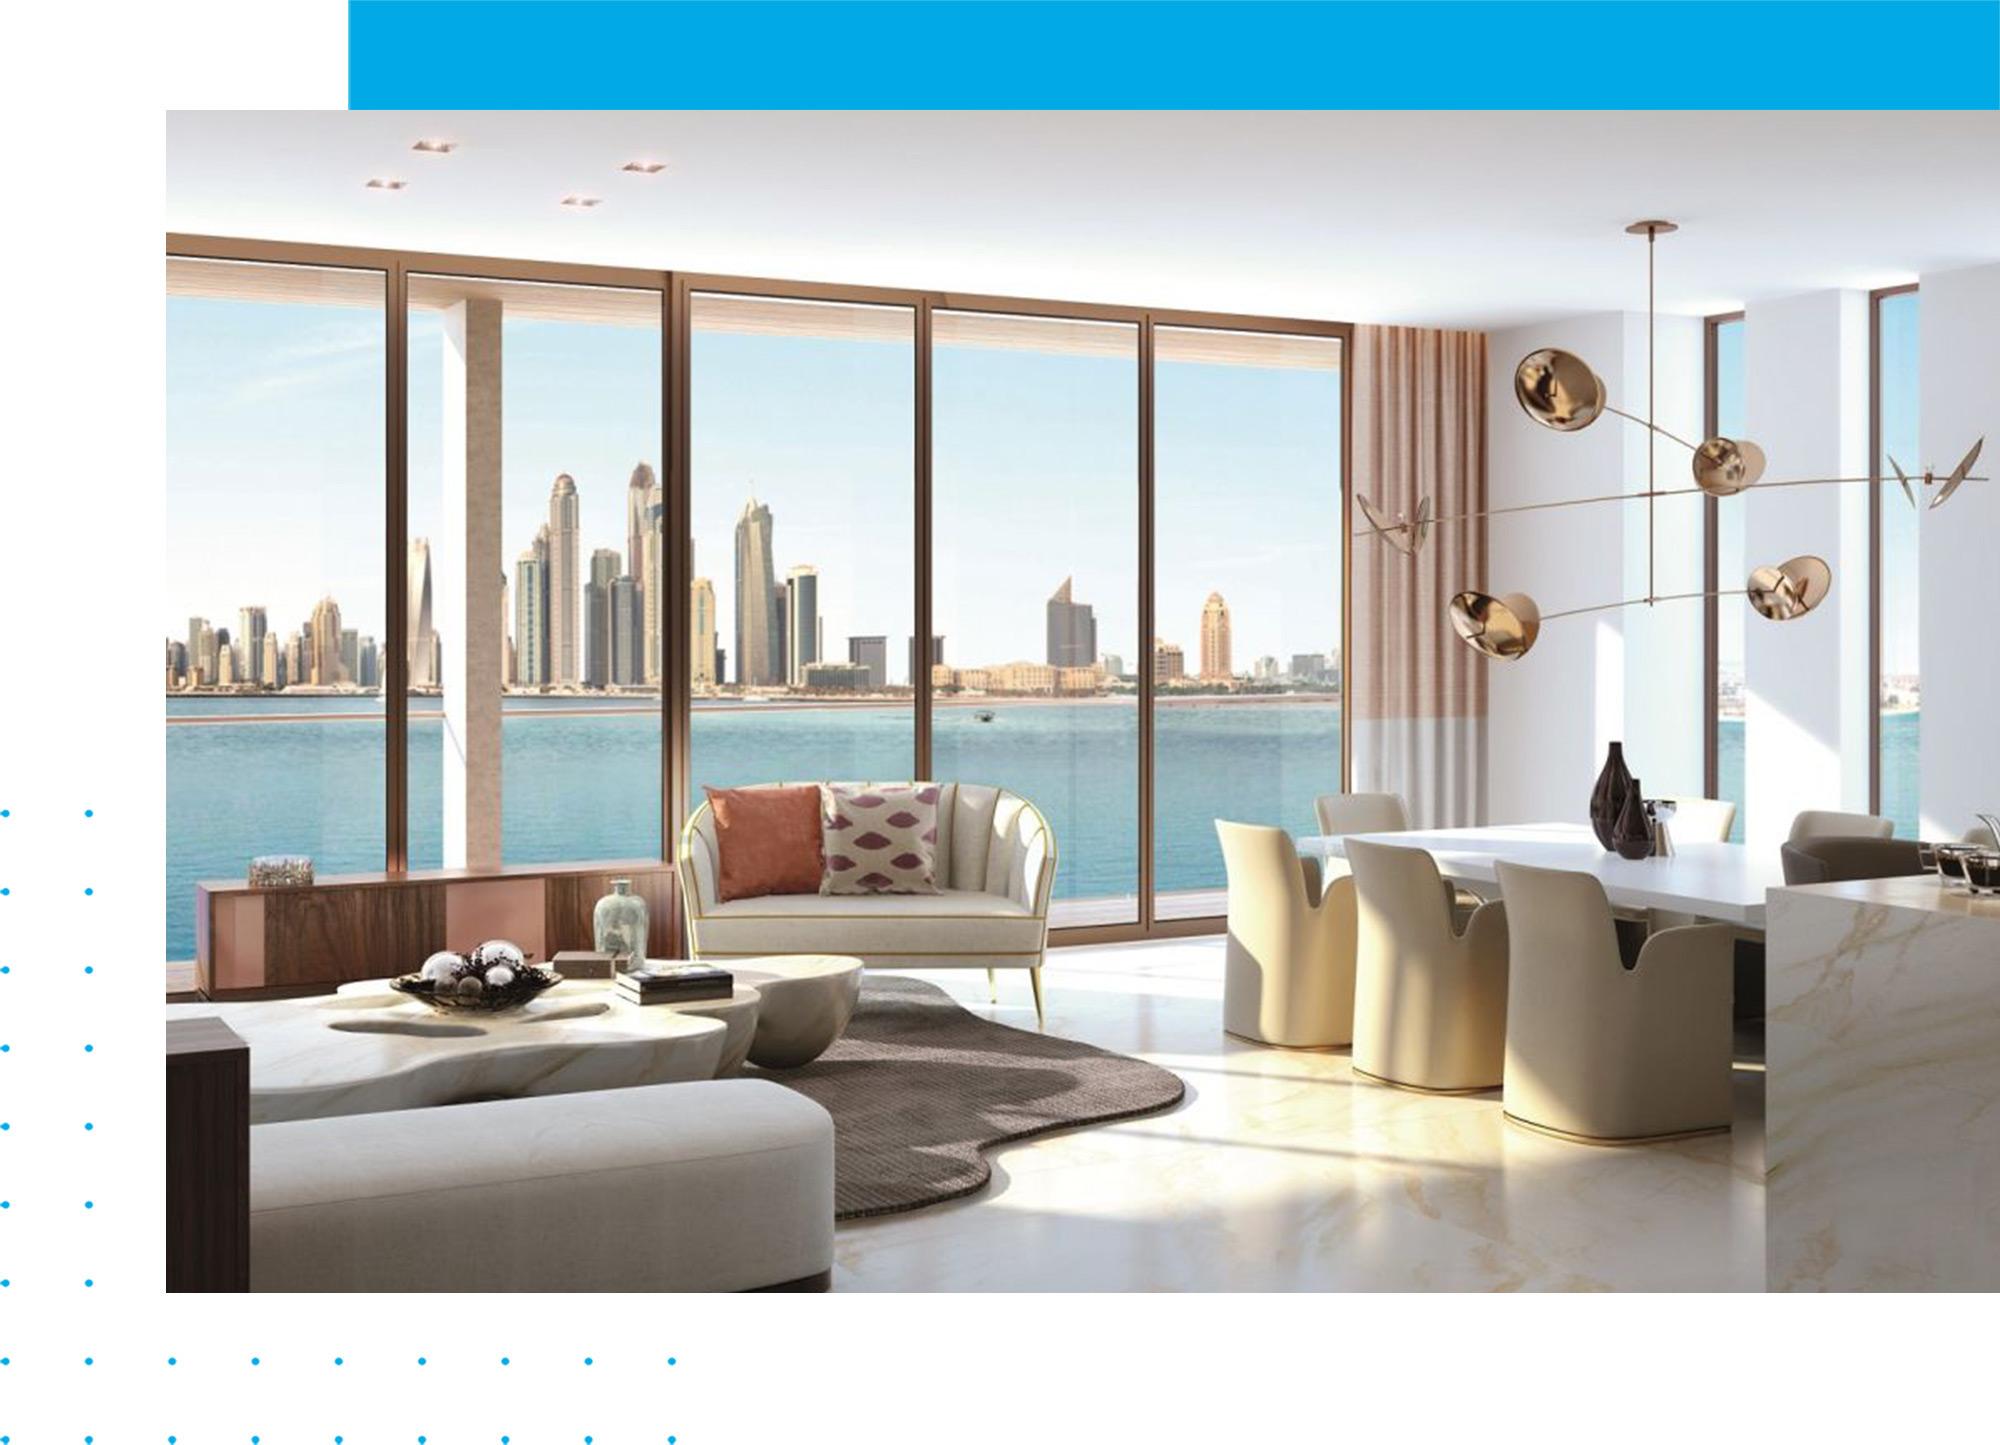 RERA Forms & Dubai Laws in The Real Estate Market